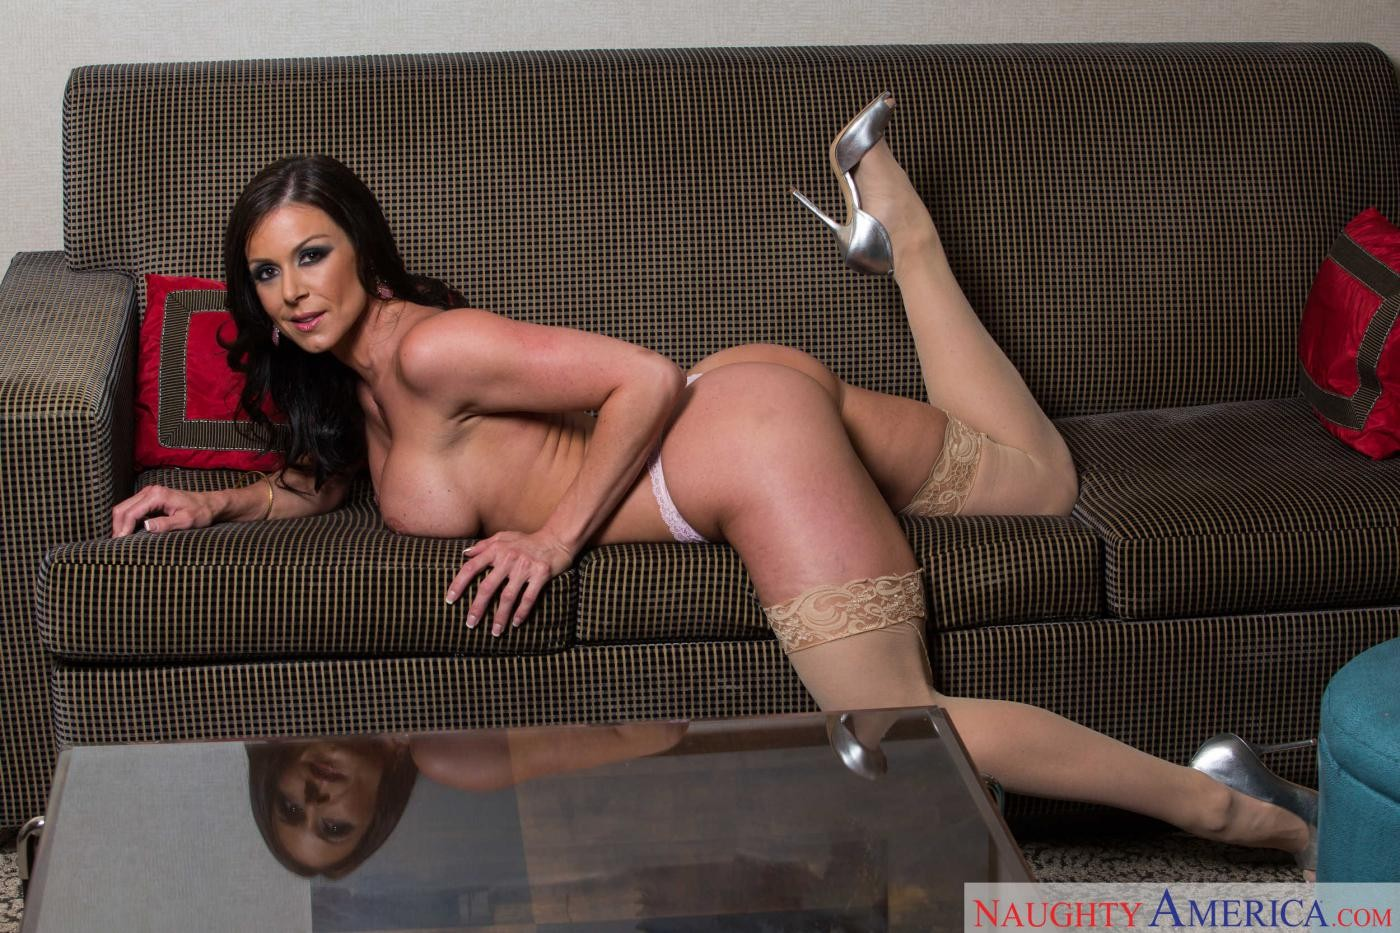 Kendra Lust - В гостинице - Порно галерея № 3484506